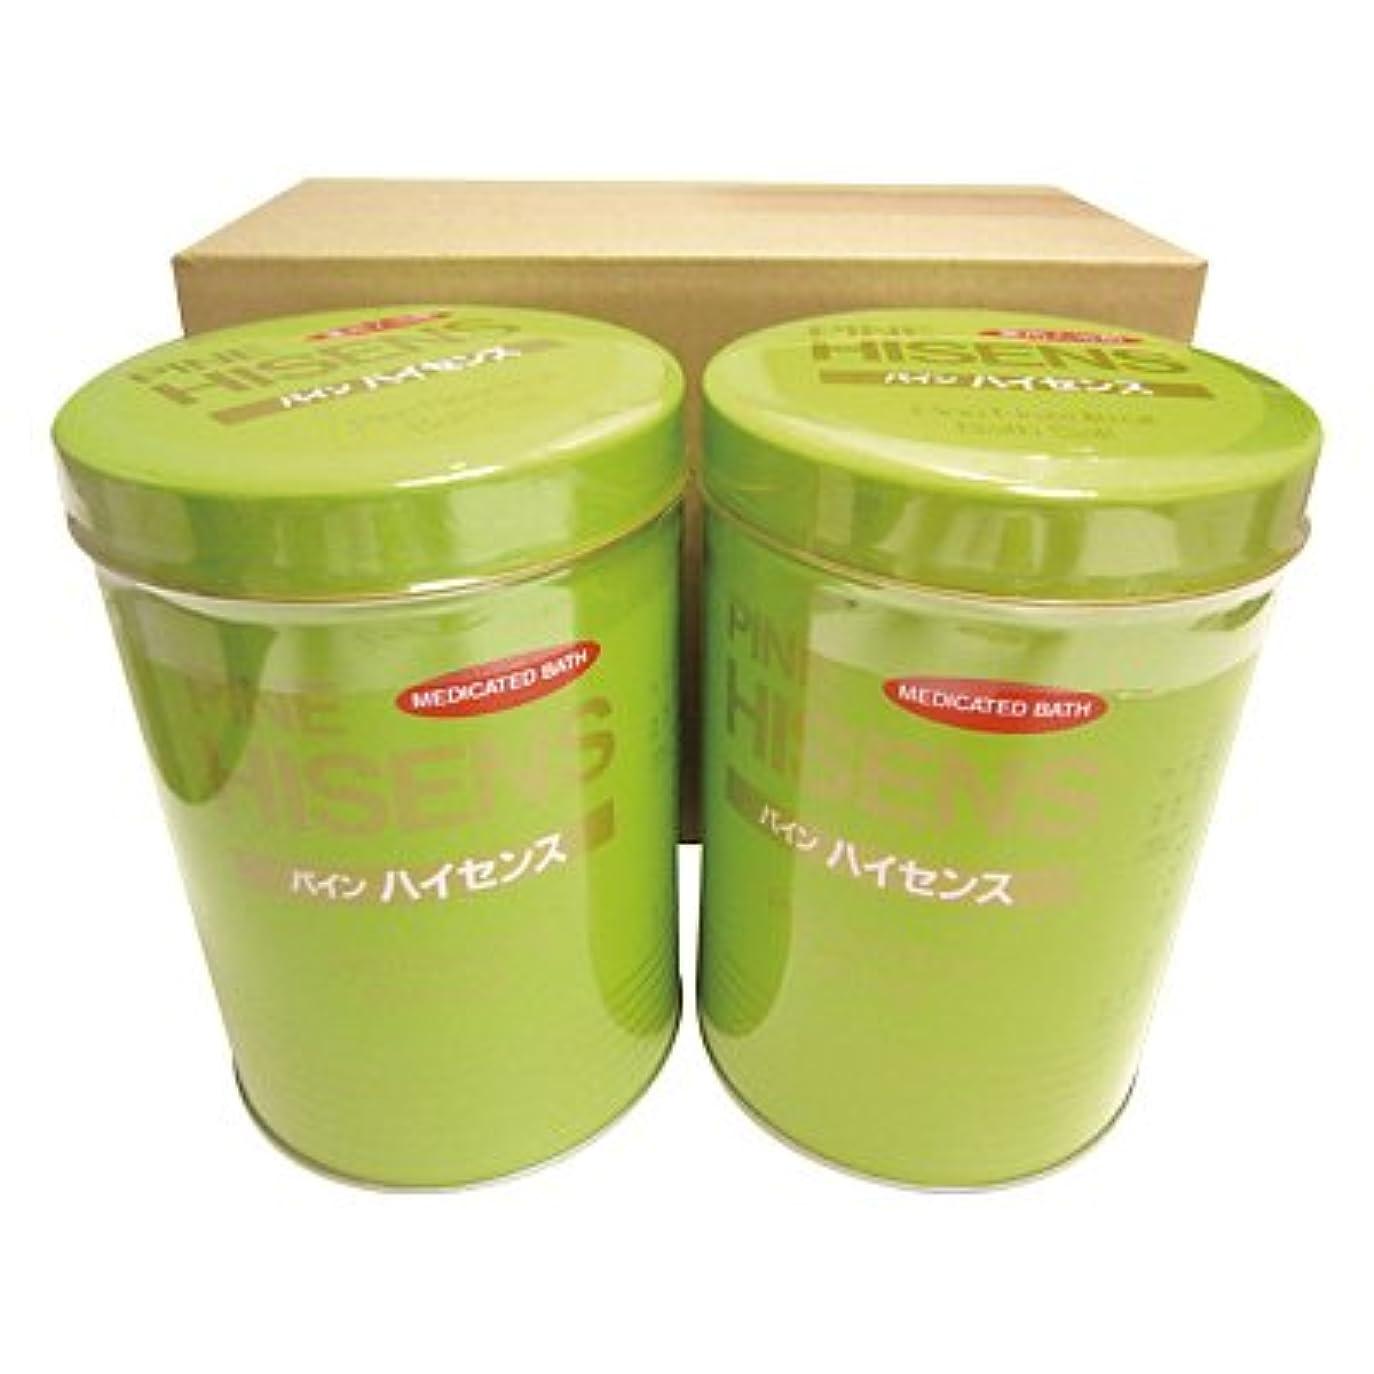 説得力のある団結するクリップ高陽社 薬用入浴剤 パインハイセンス 2.1kg 2缶セット